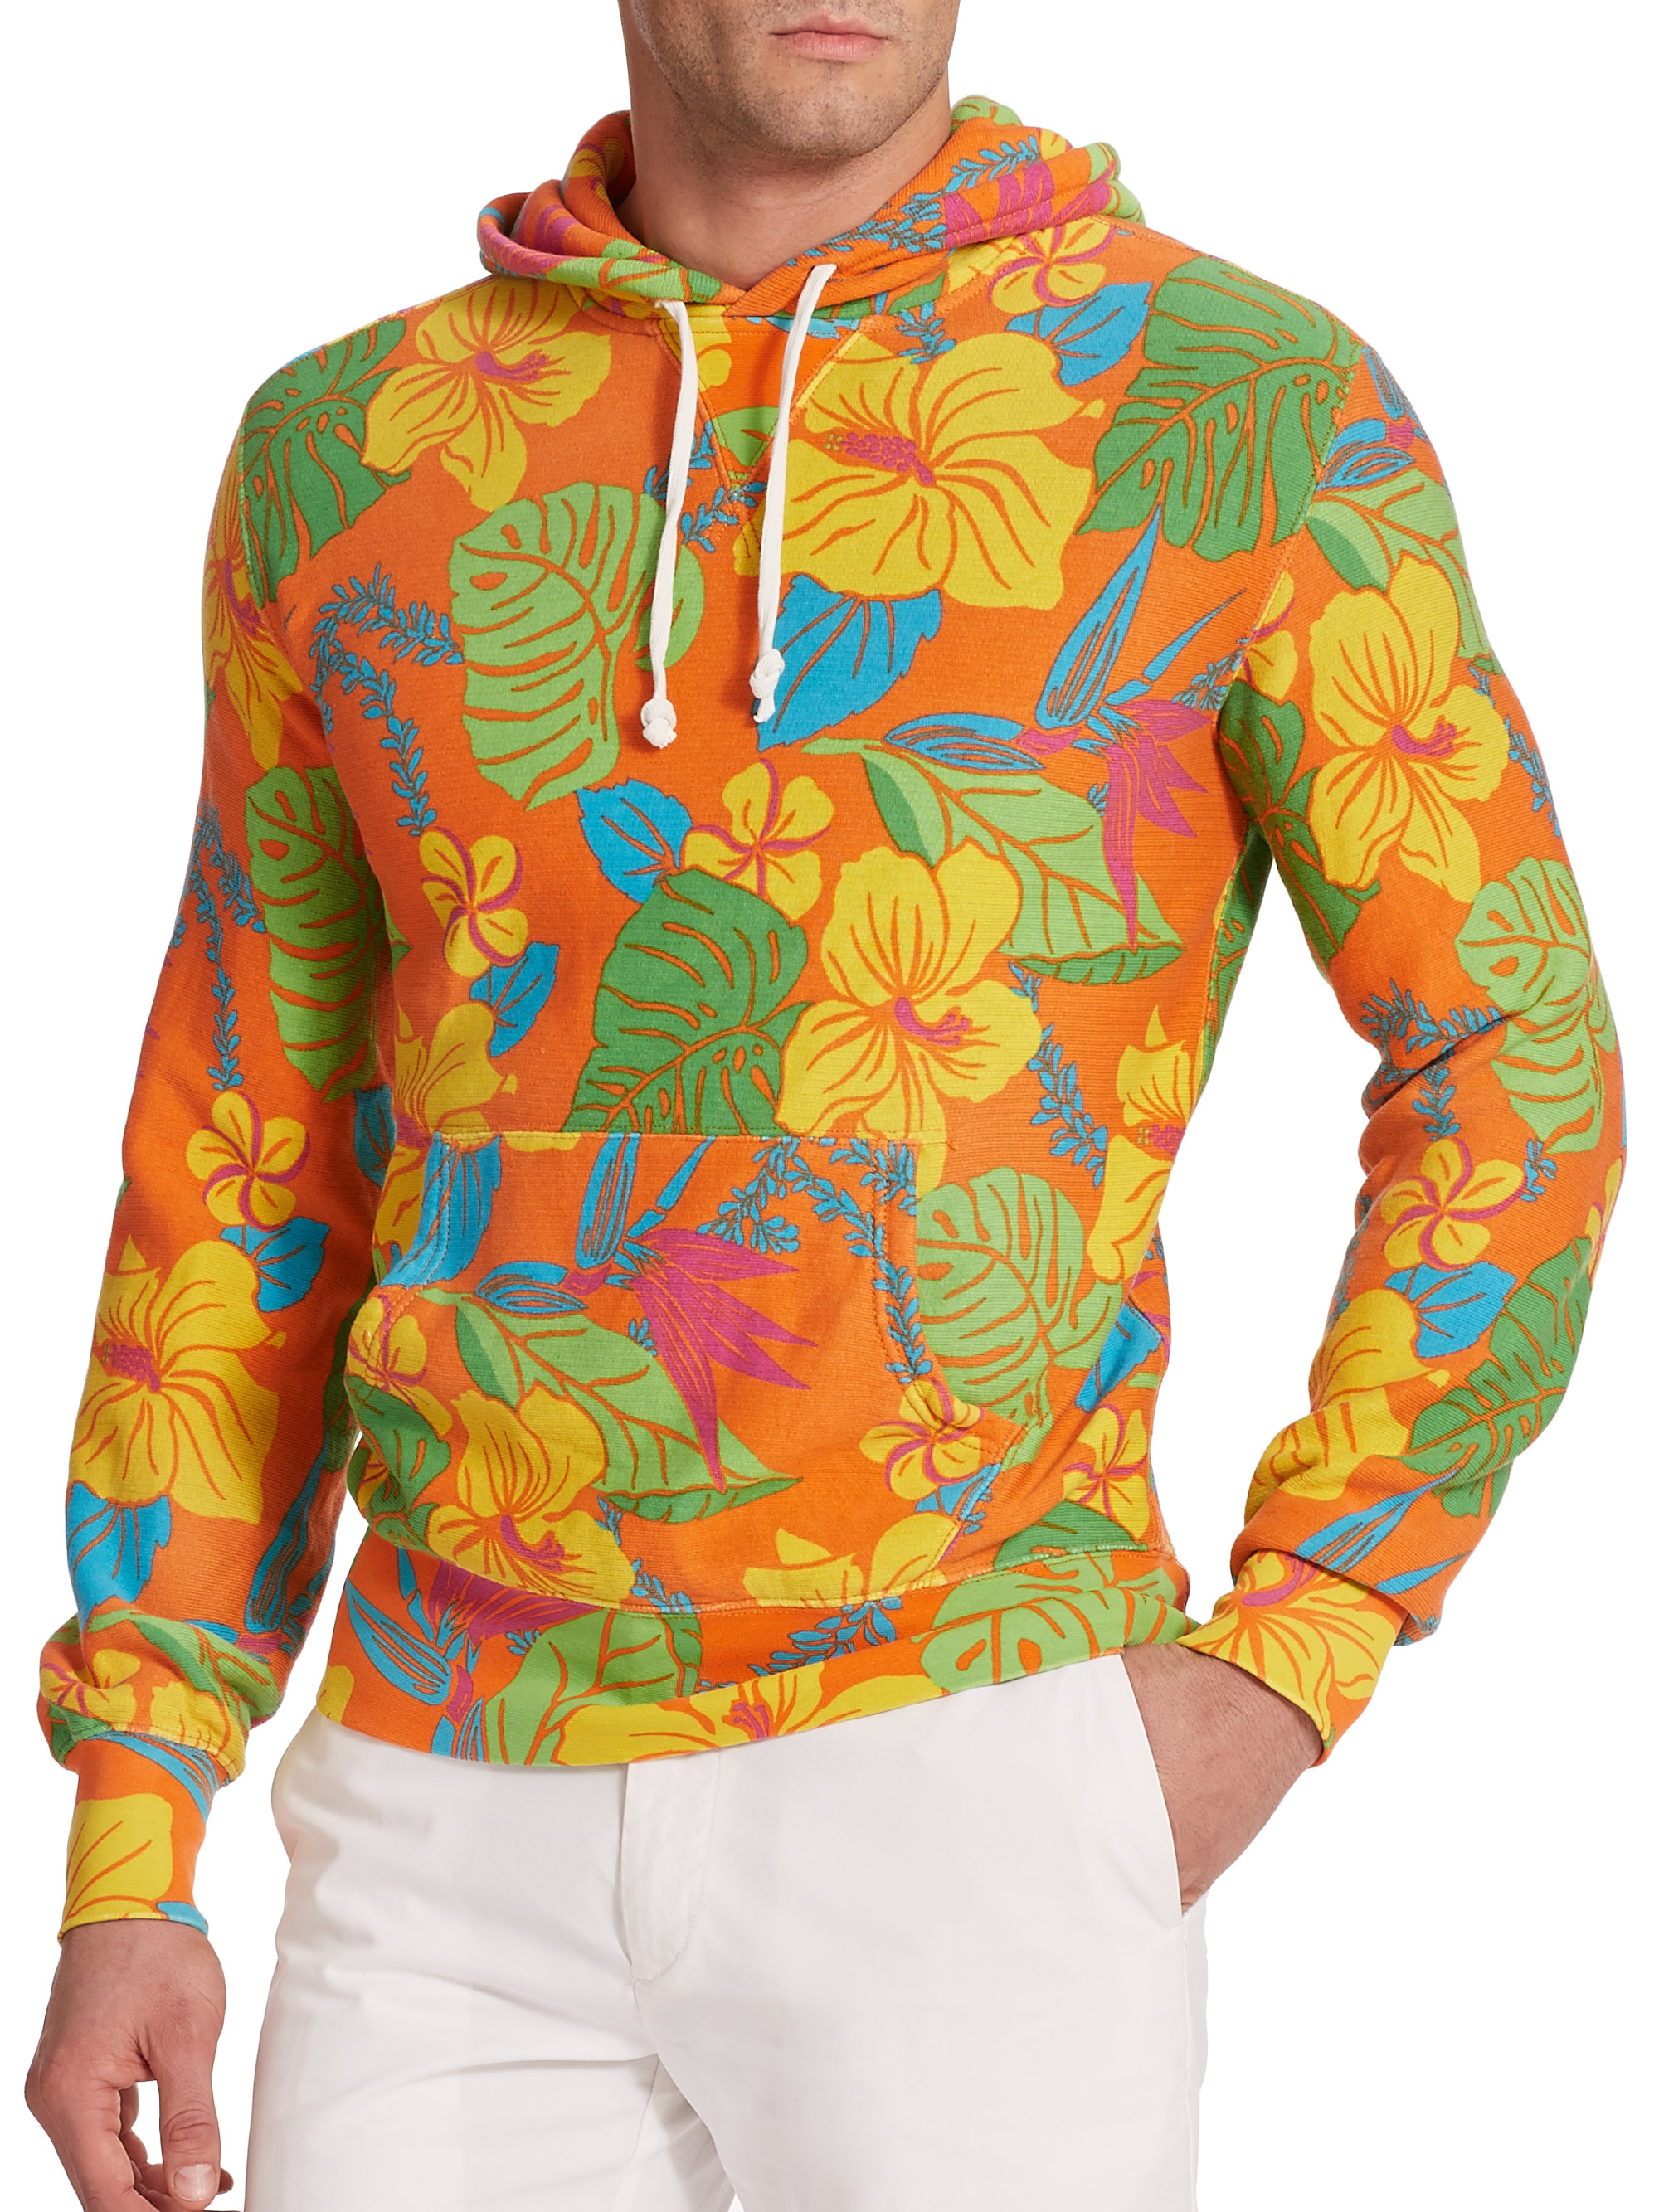 Ralph lauren hoodie men